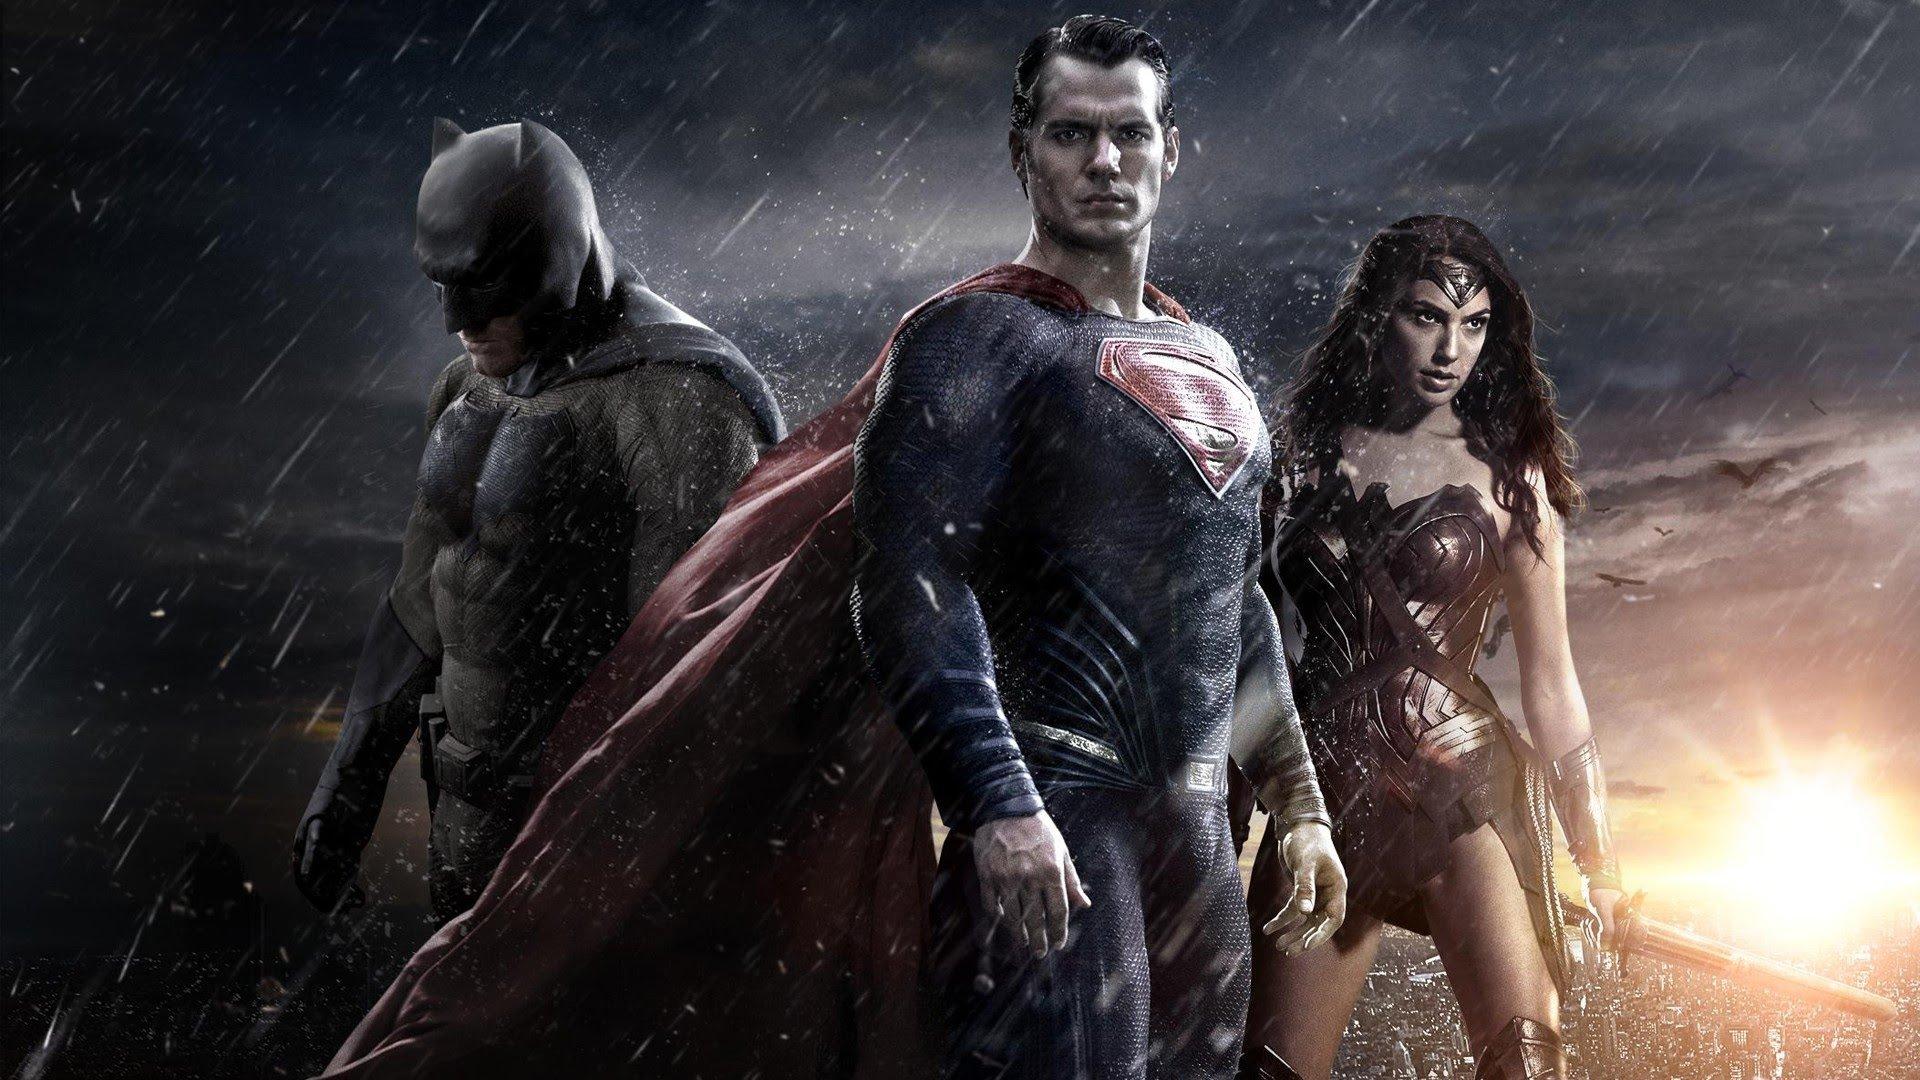 Бэтмен против Супермена (зачем вам ещё один обзор со спойлерами?)  - Изображение 1